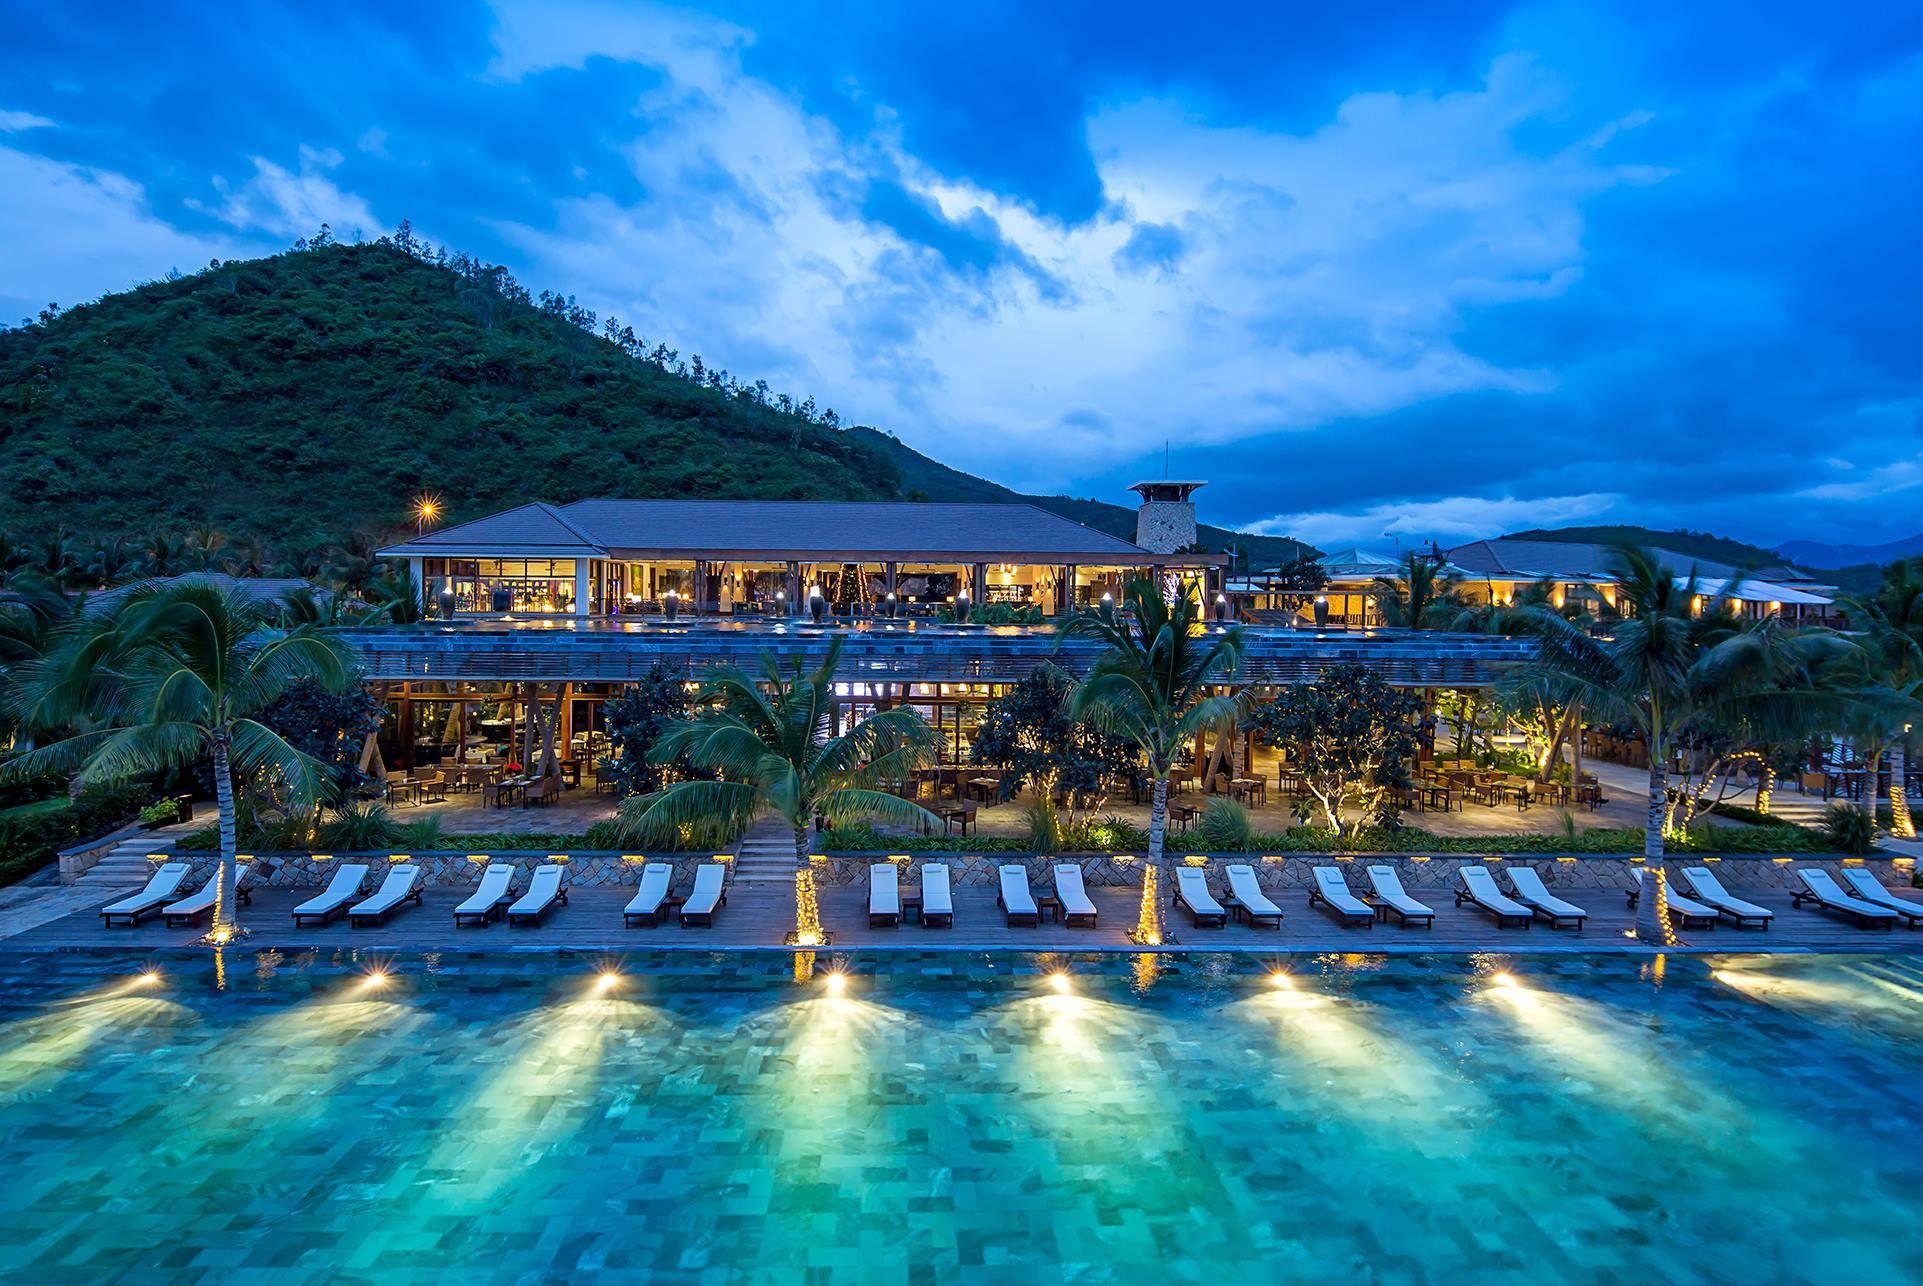 Resort Nha Trang 5 sao - Amiana Resort Nha Trang